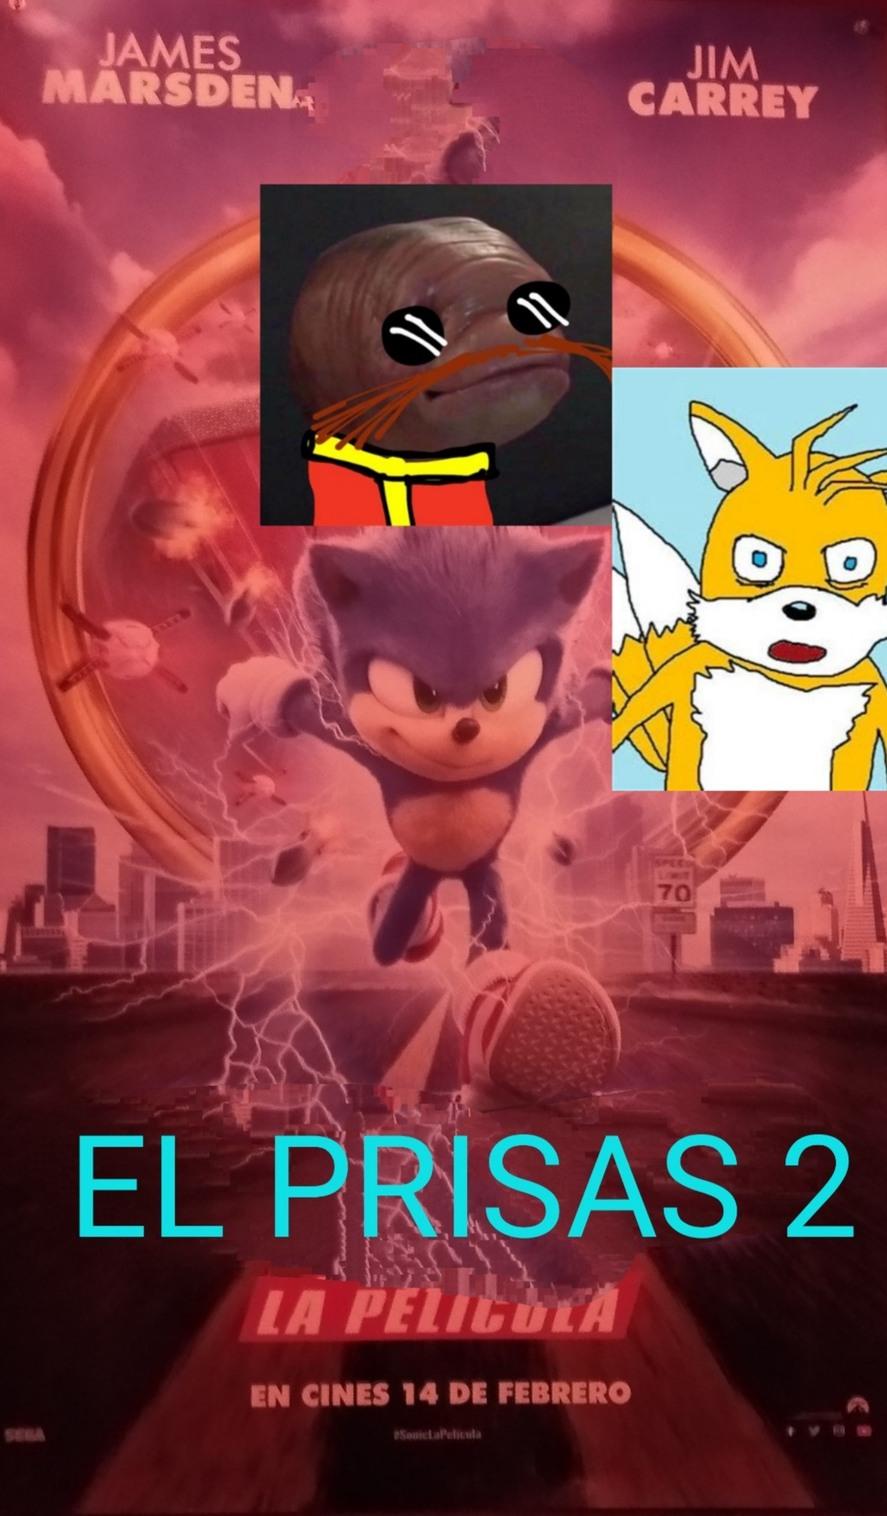 El Prisas 2 - meme